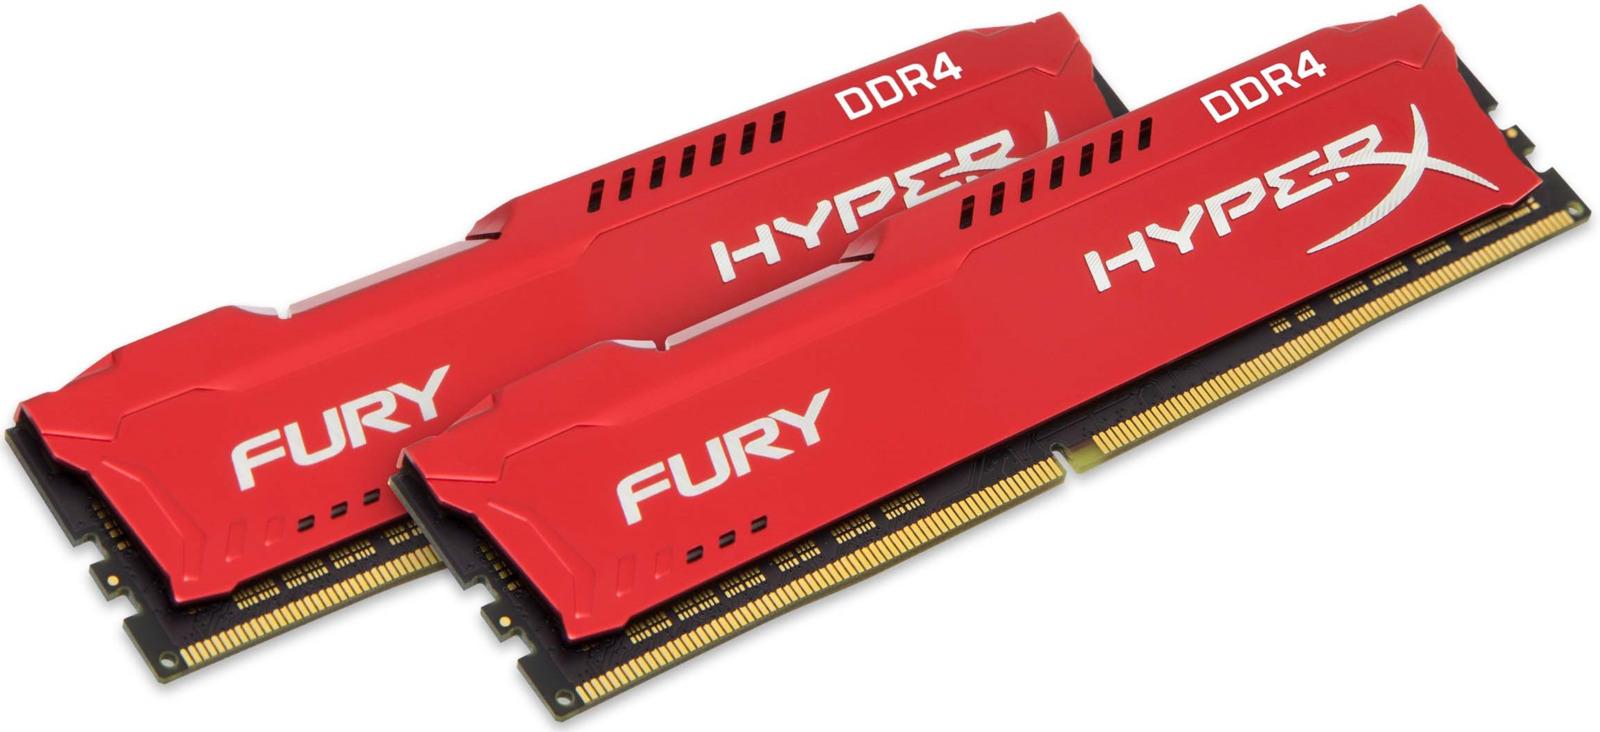 Комплект модулей оперативной памяти Kingston HyperX Fury DDR4 DIMM, 32GB (2х16GB), 2400MHz, CL15, HX424C15FRK2/32, red